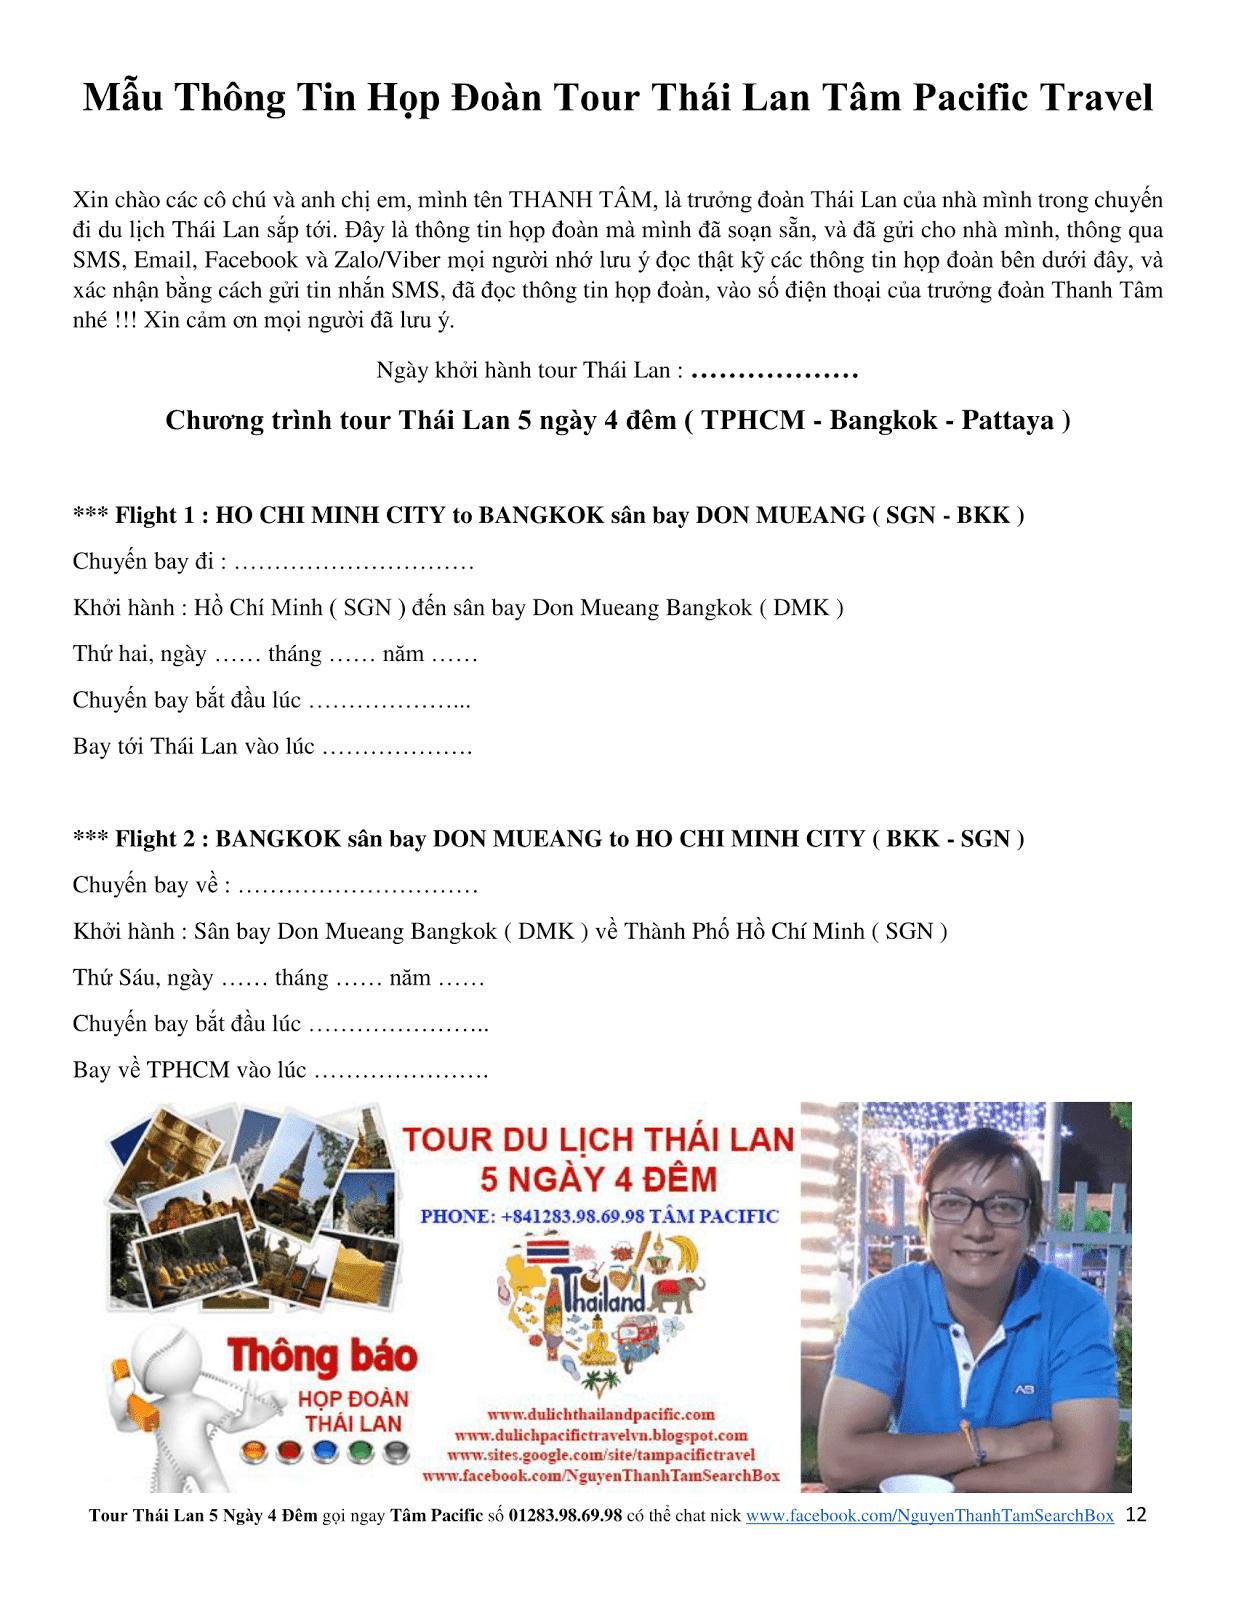 Báo giá tour du lịch Thái Lan 5 ngày 4 đêm giá rẻ